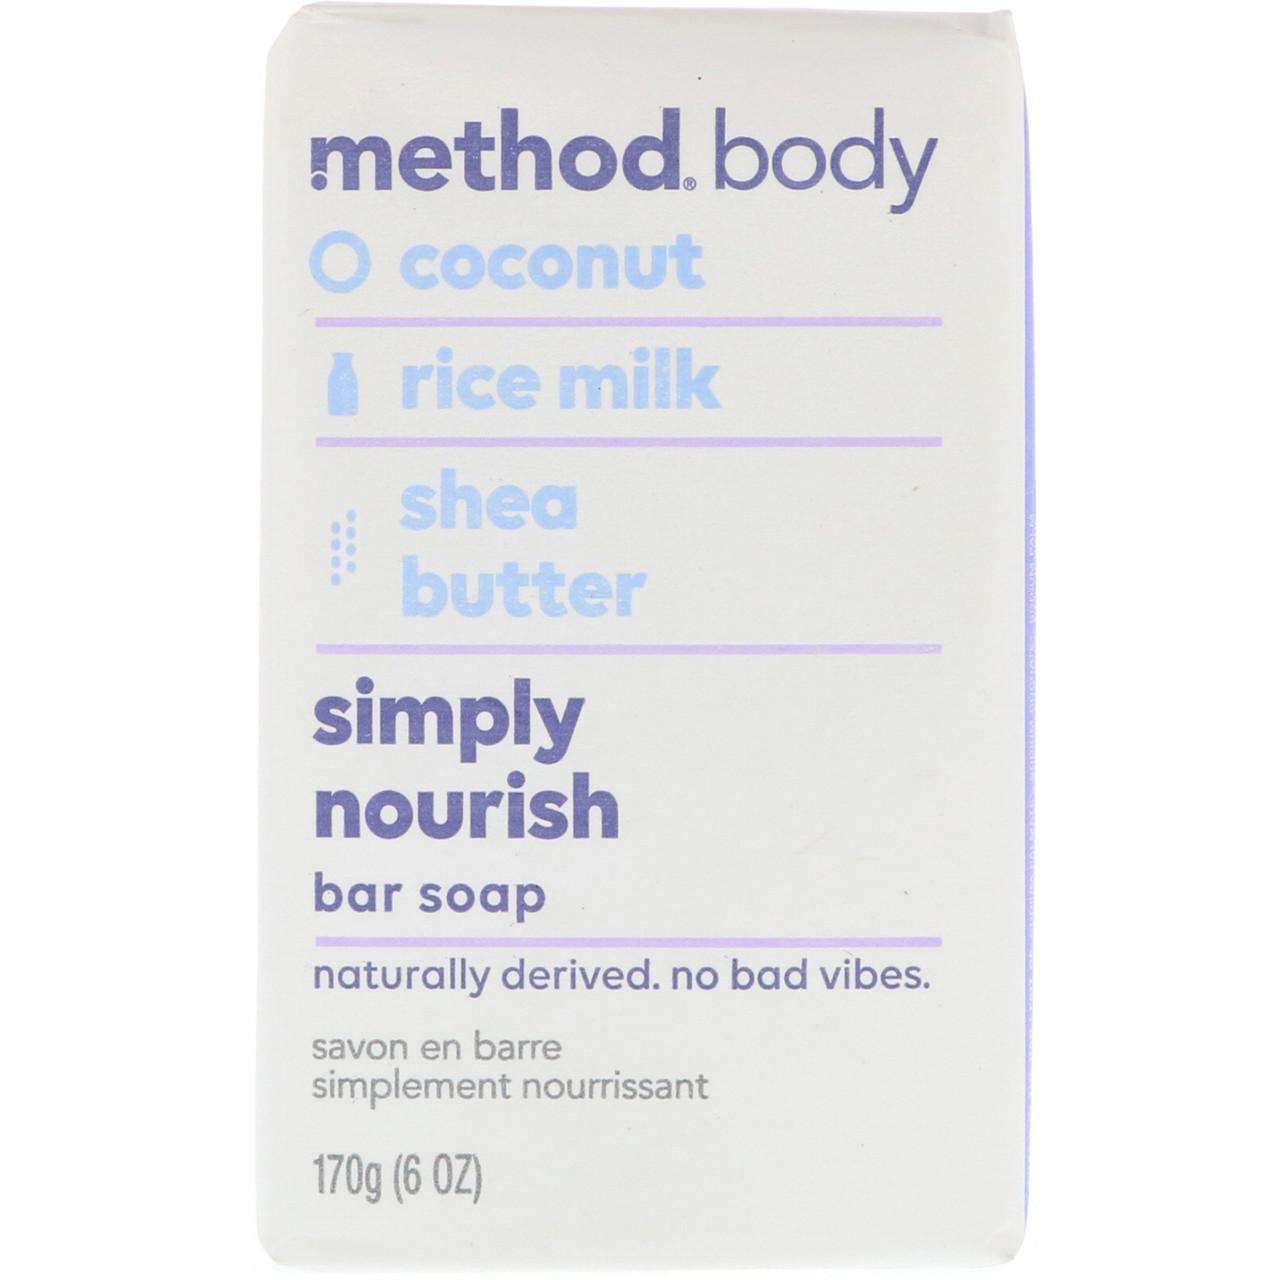 Method, Для тела, простое питание, кусоковое мыло, 6 унц. (170 г)